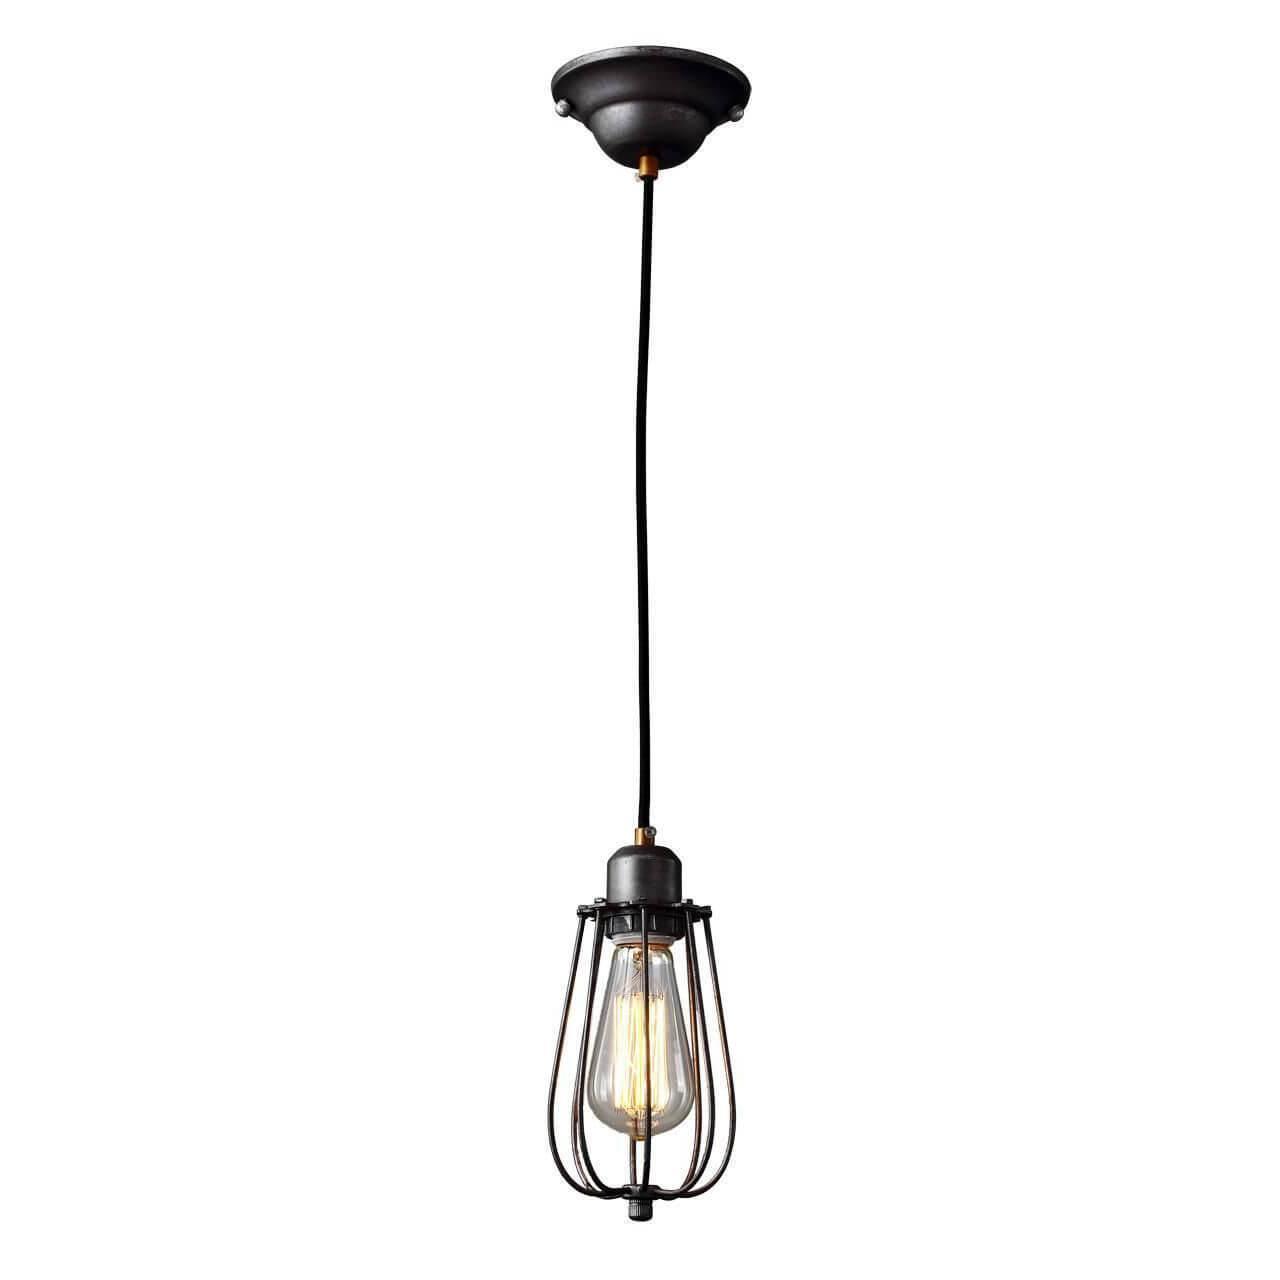 все цены на Подвесной светильник Divinare Ofelia 2001/01 SP-1